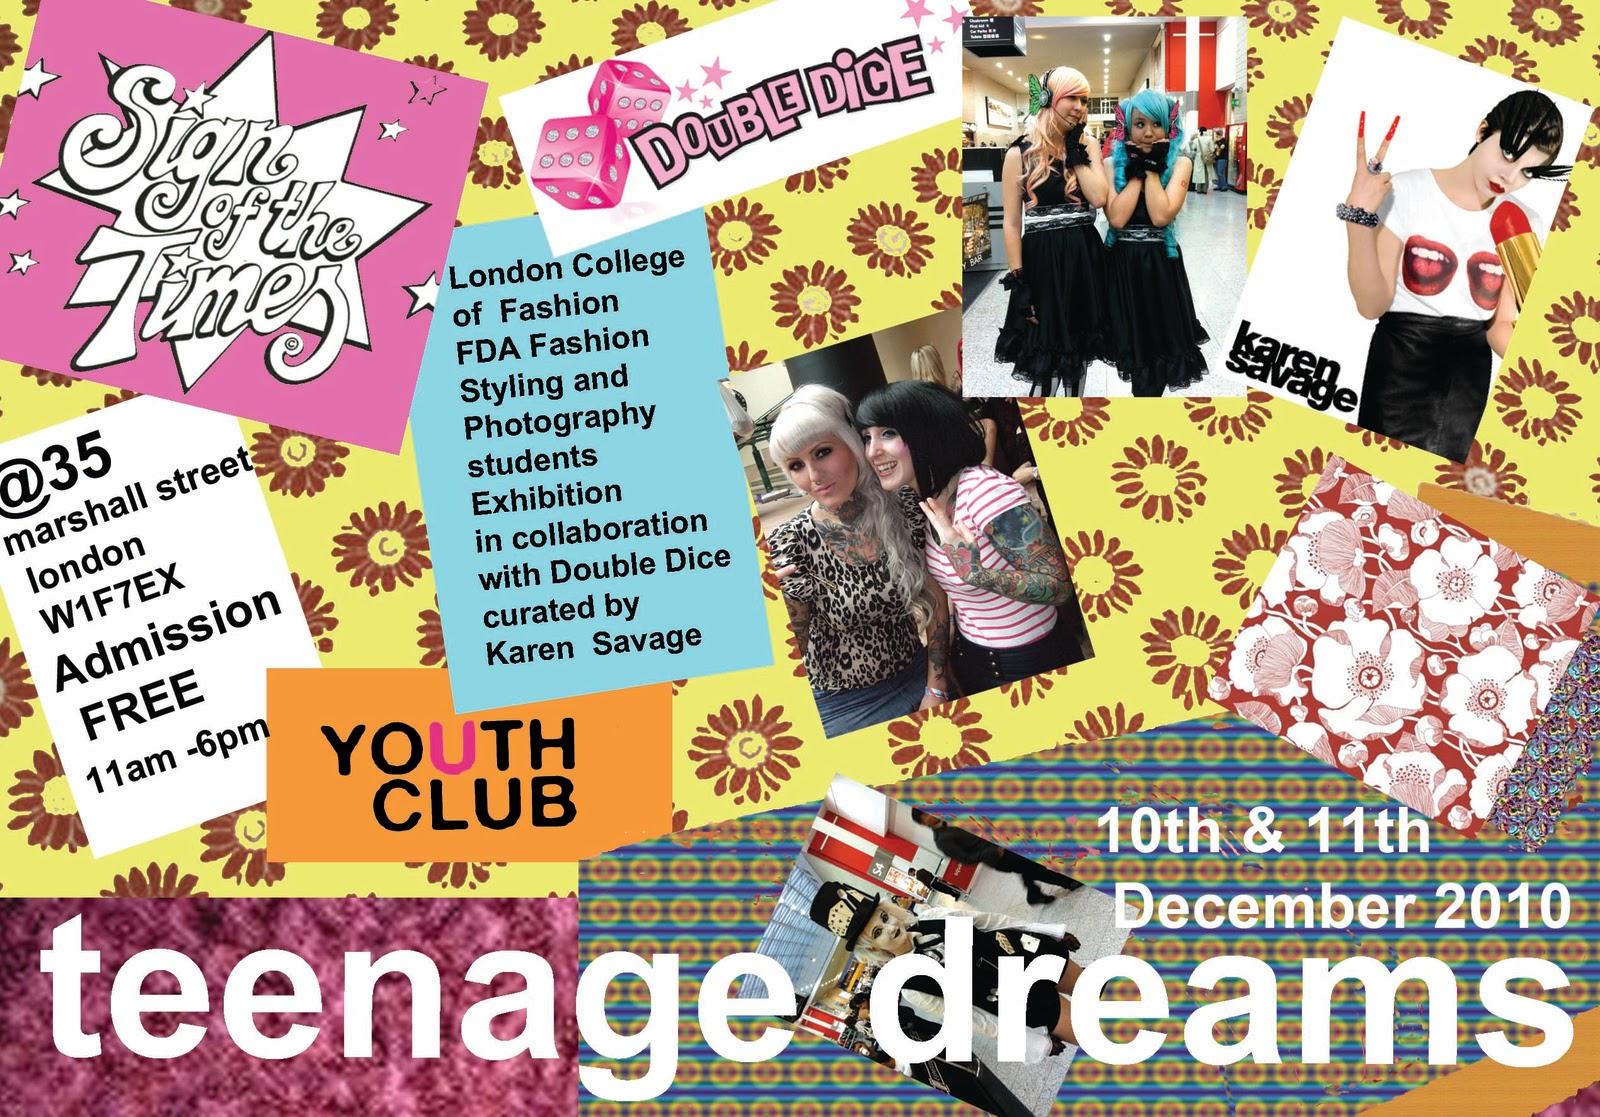 http://3.bp.blogspot.com/_StfQ_dy7LhQ/TP-5LuJ_wVI/AAAAAAAAINE/n5DbPO7AKTg/s1600/teenage+dreams.jpg